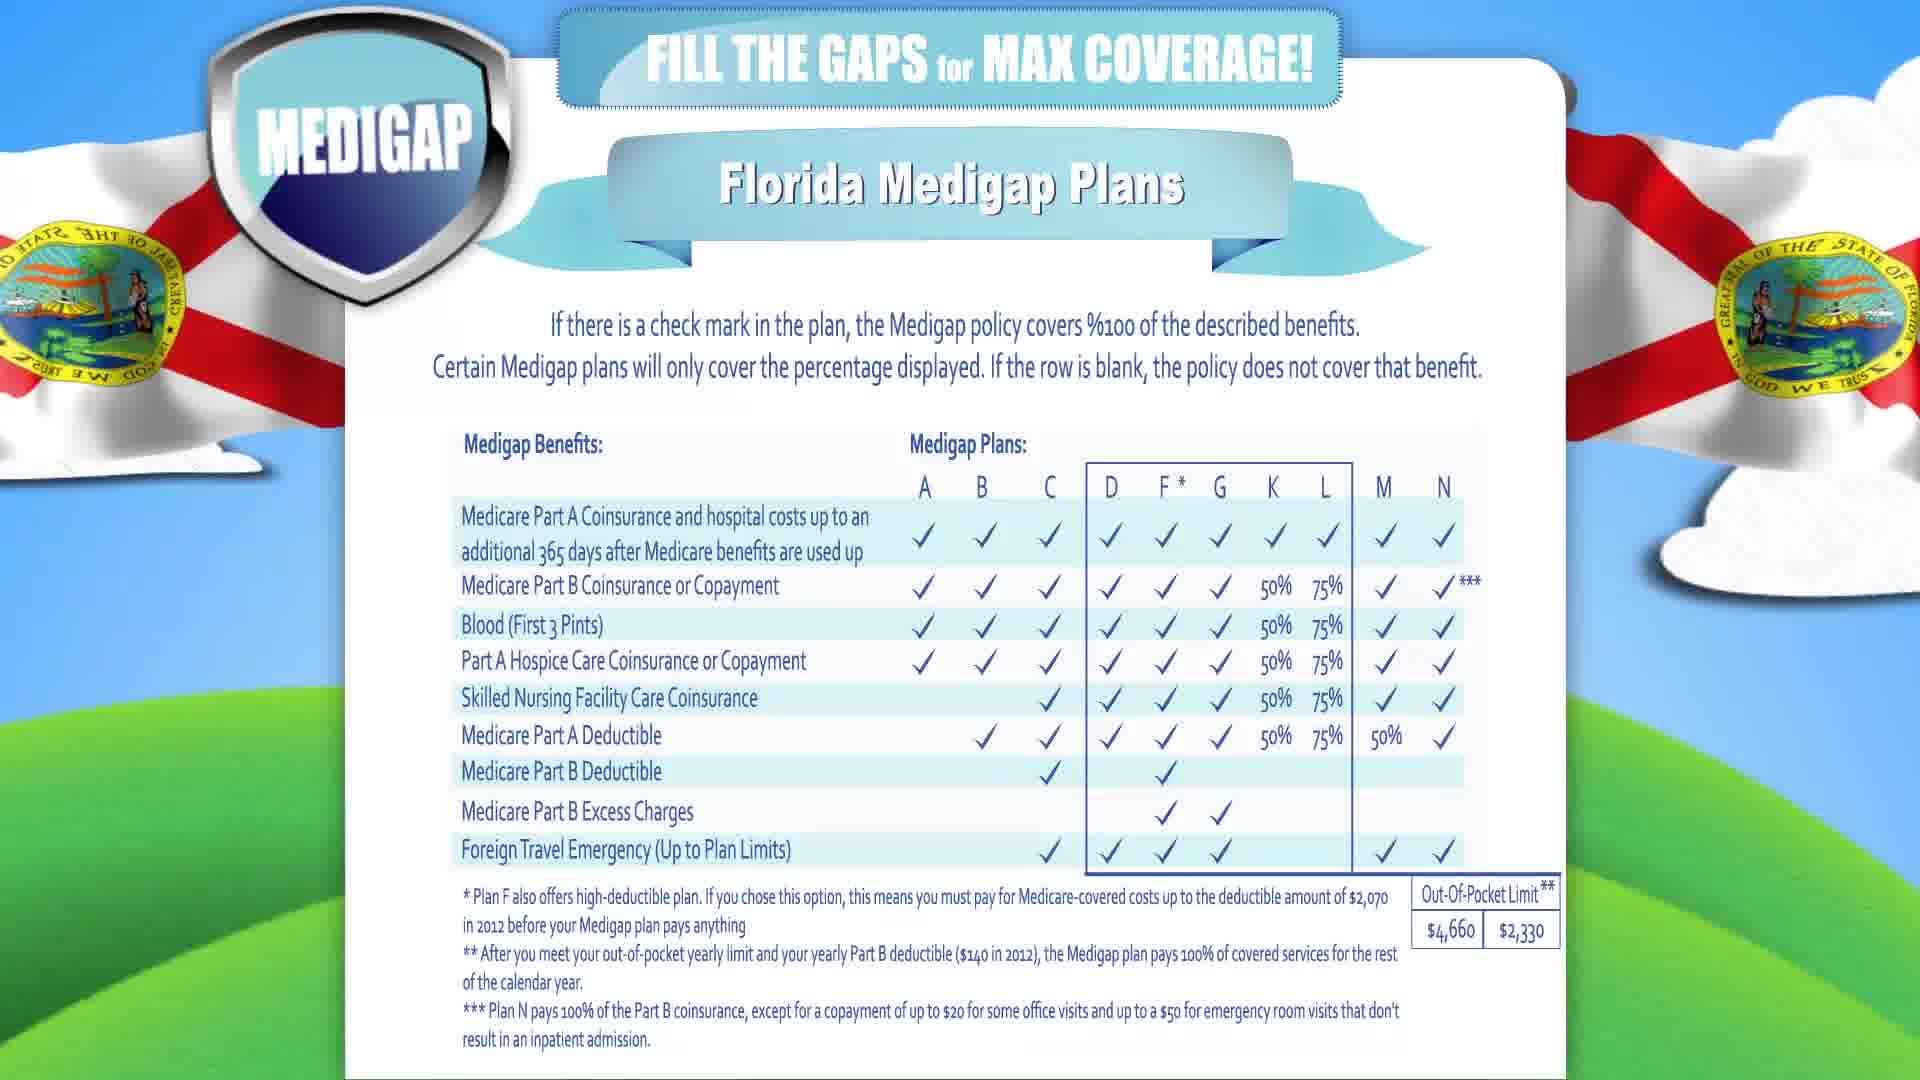 seguro suplementario de mayor en la Florida